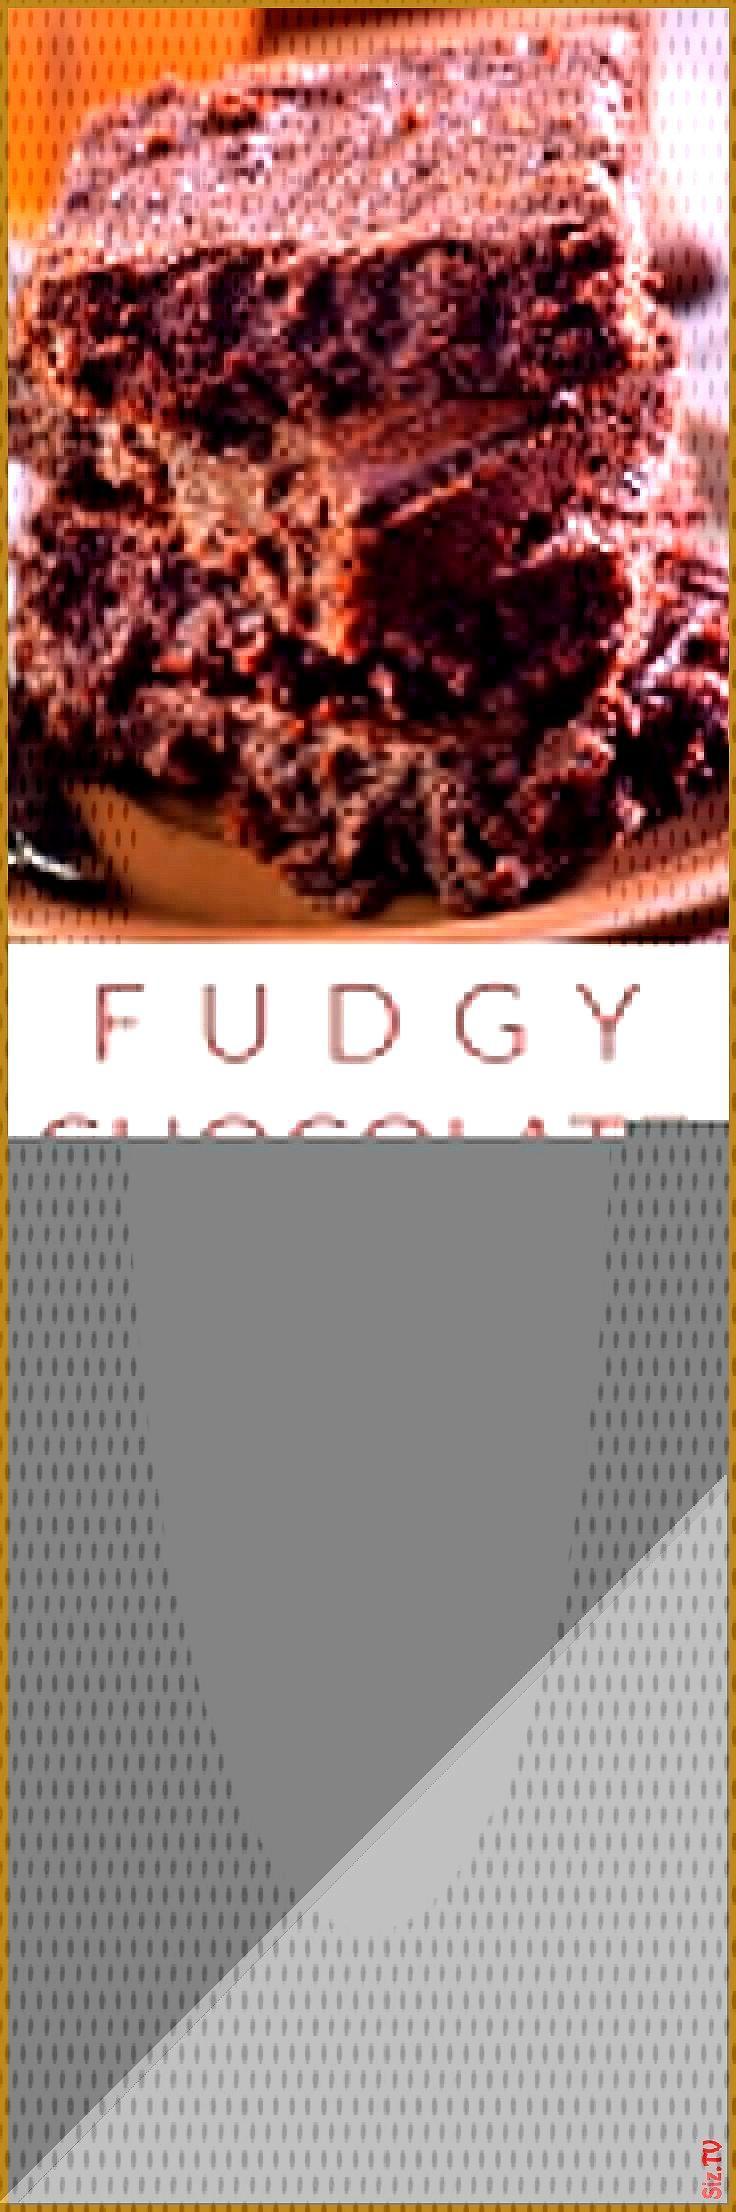 FUDGY CHOCOLATE AVOCADO BROWNIES die mit APPLESAUCE anstelle von Butter hergestellt werden anstell